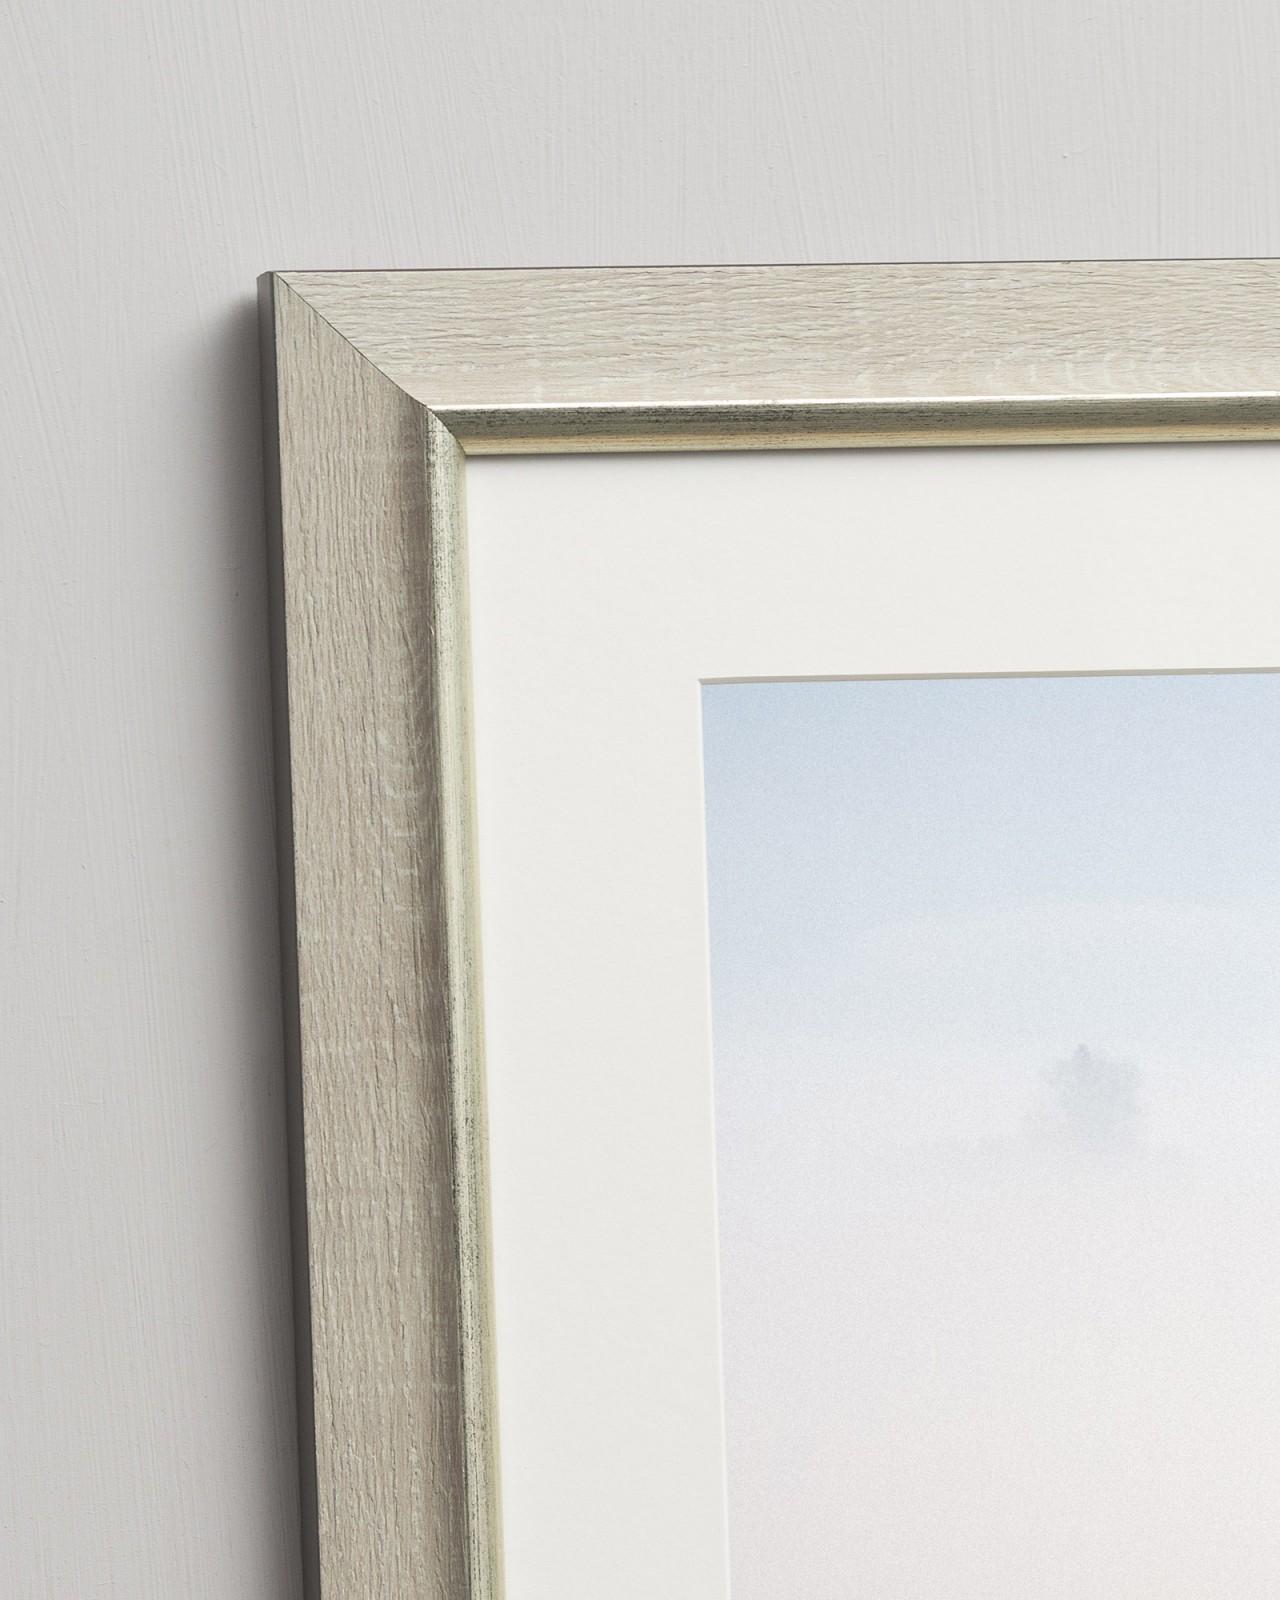 TRANQUIL LAKE Framed Art